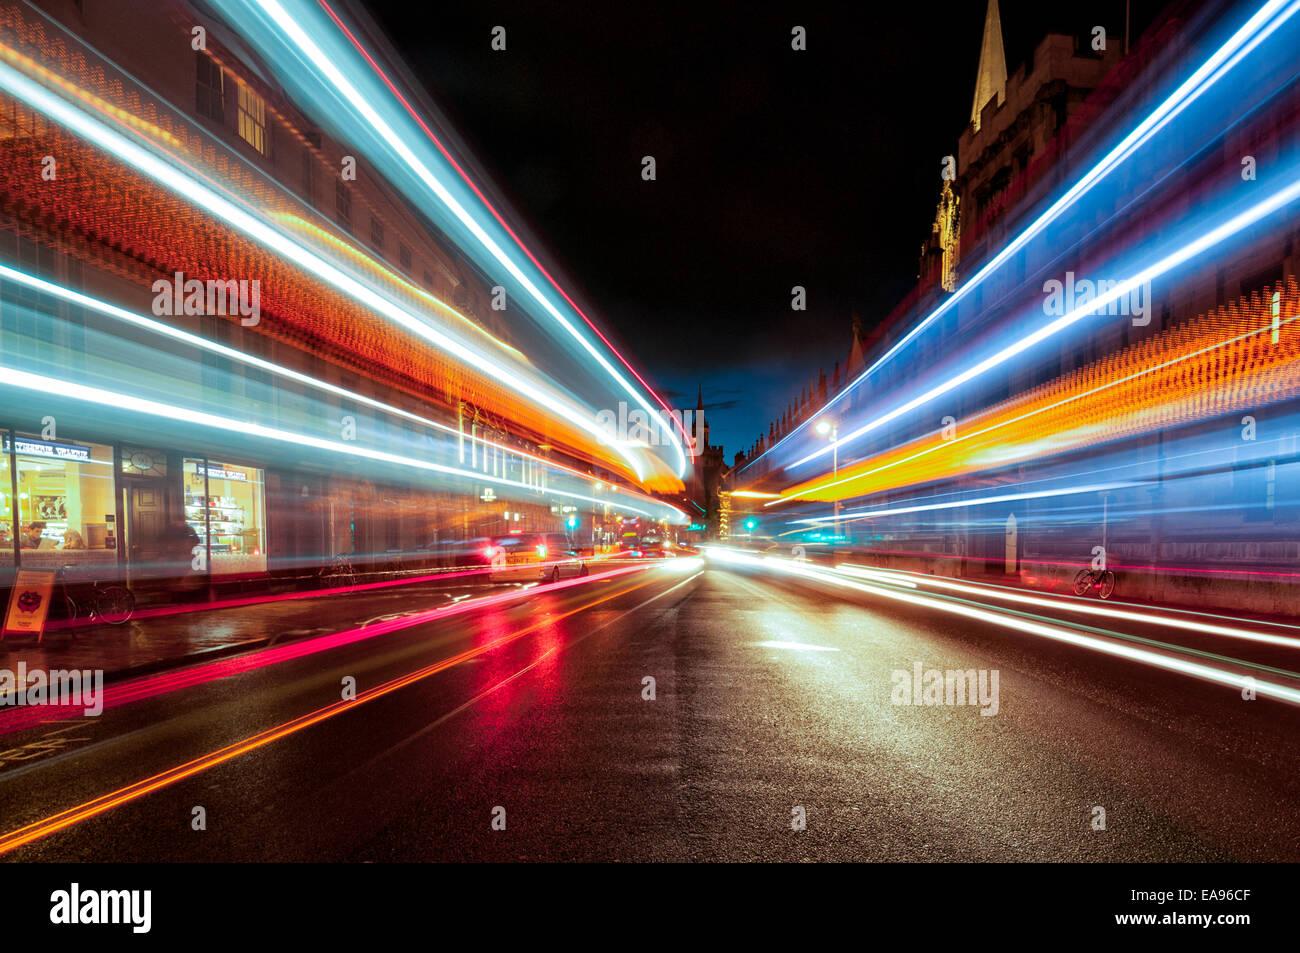 Oxford High Street in der Nacht mit Leuchtspuren von vorbeifahrenden Fahrzeugen Stockbild